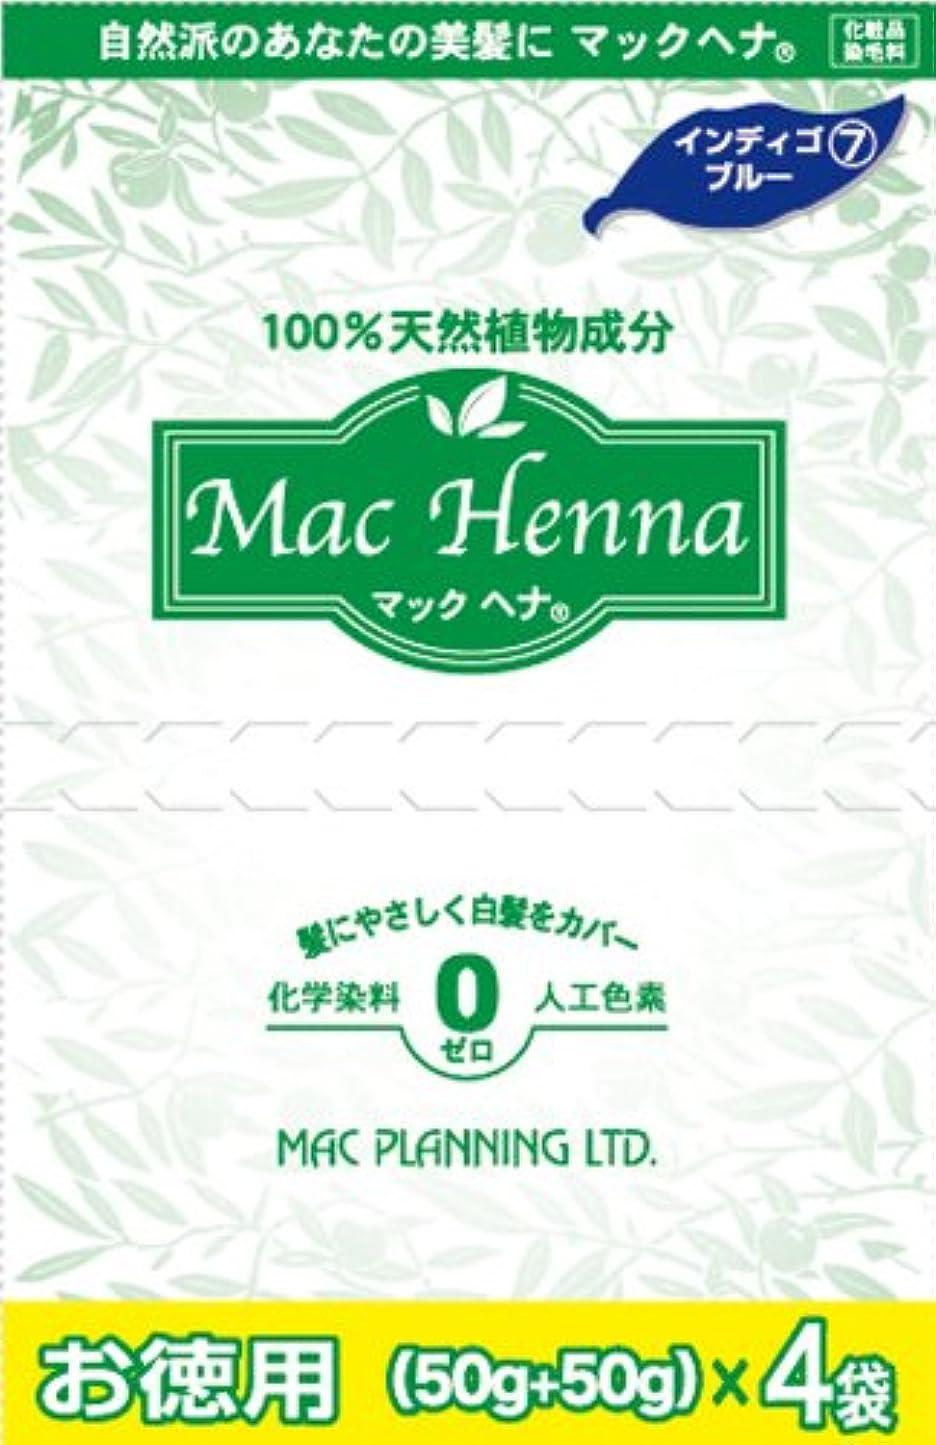 天然植物原料100% 無添加 マックヘナ お徳用(インディゴブルー)-7 400g(50g+50g)×4袋  2箱セット